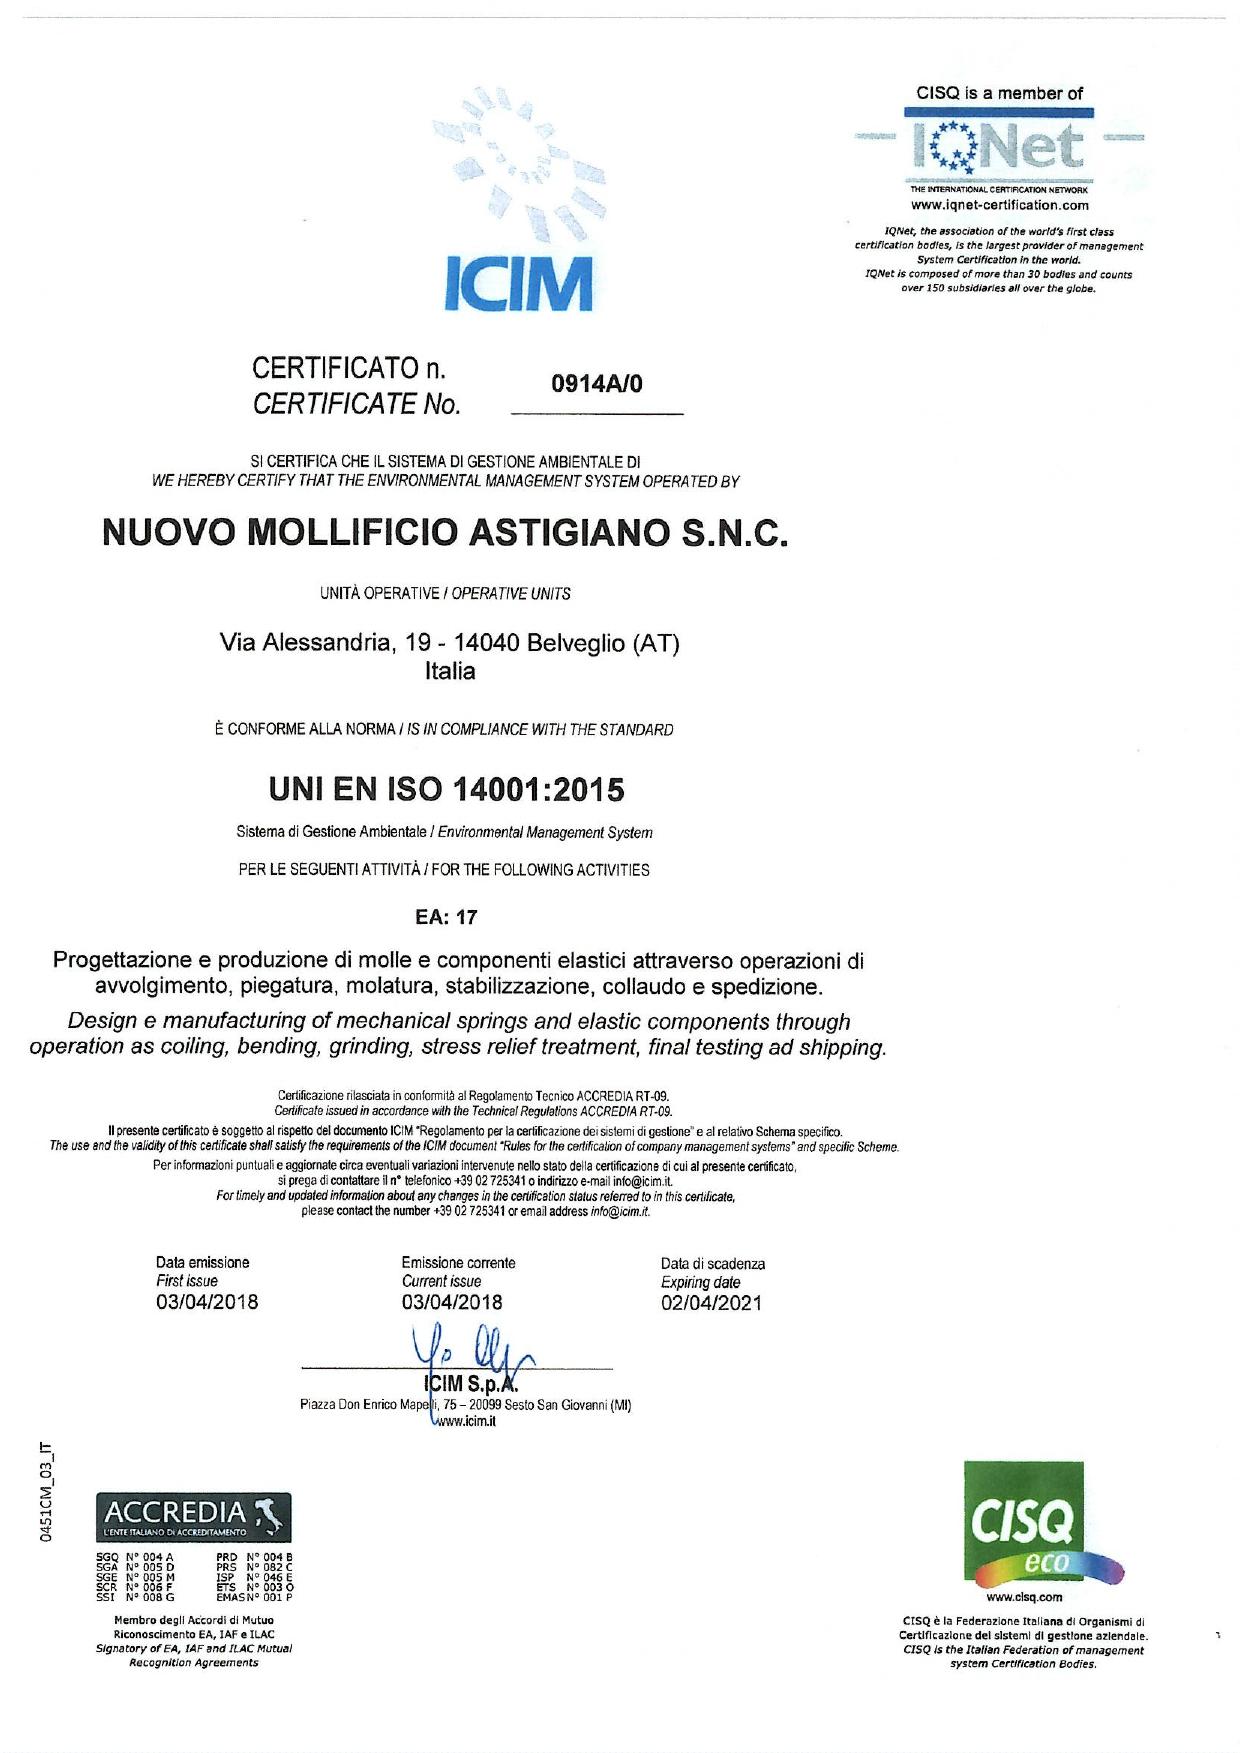 certificato-iqnet-14001-2015-ambiente-mollificio-astigiano-belveglio-asti